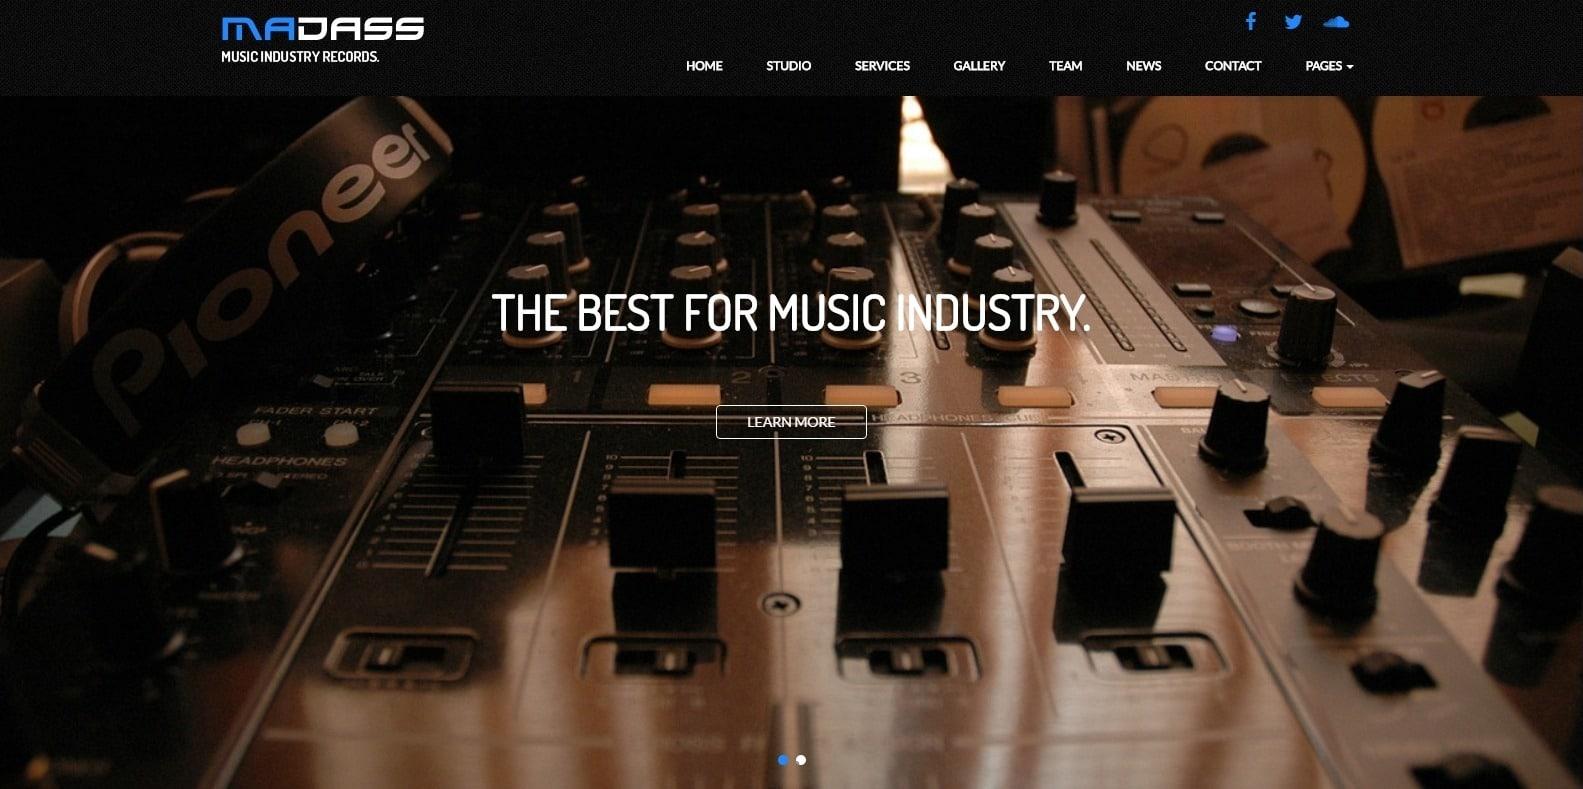 madass-html-music-website-template